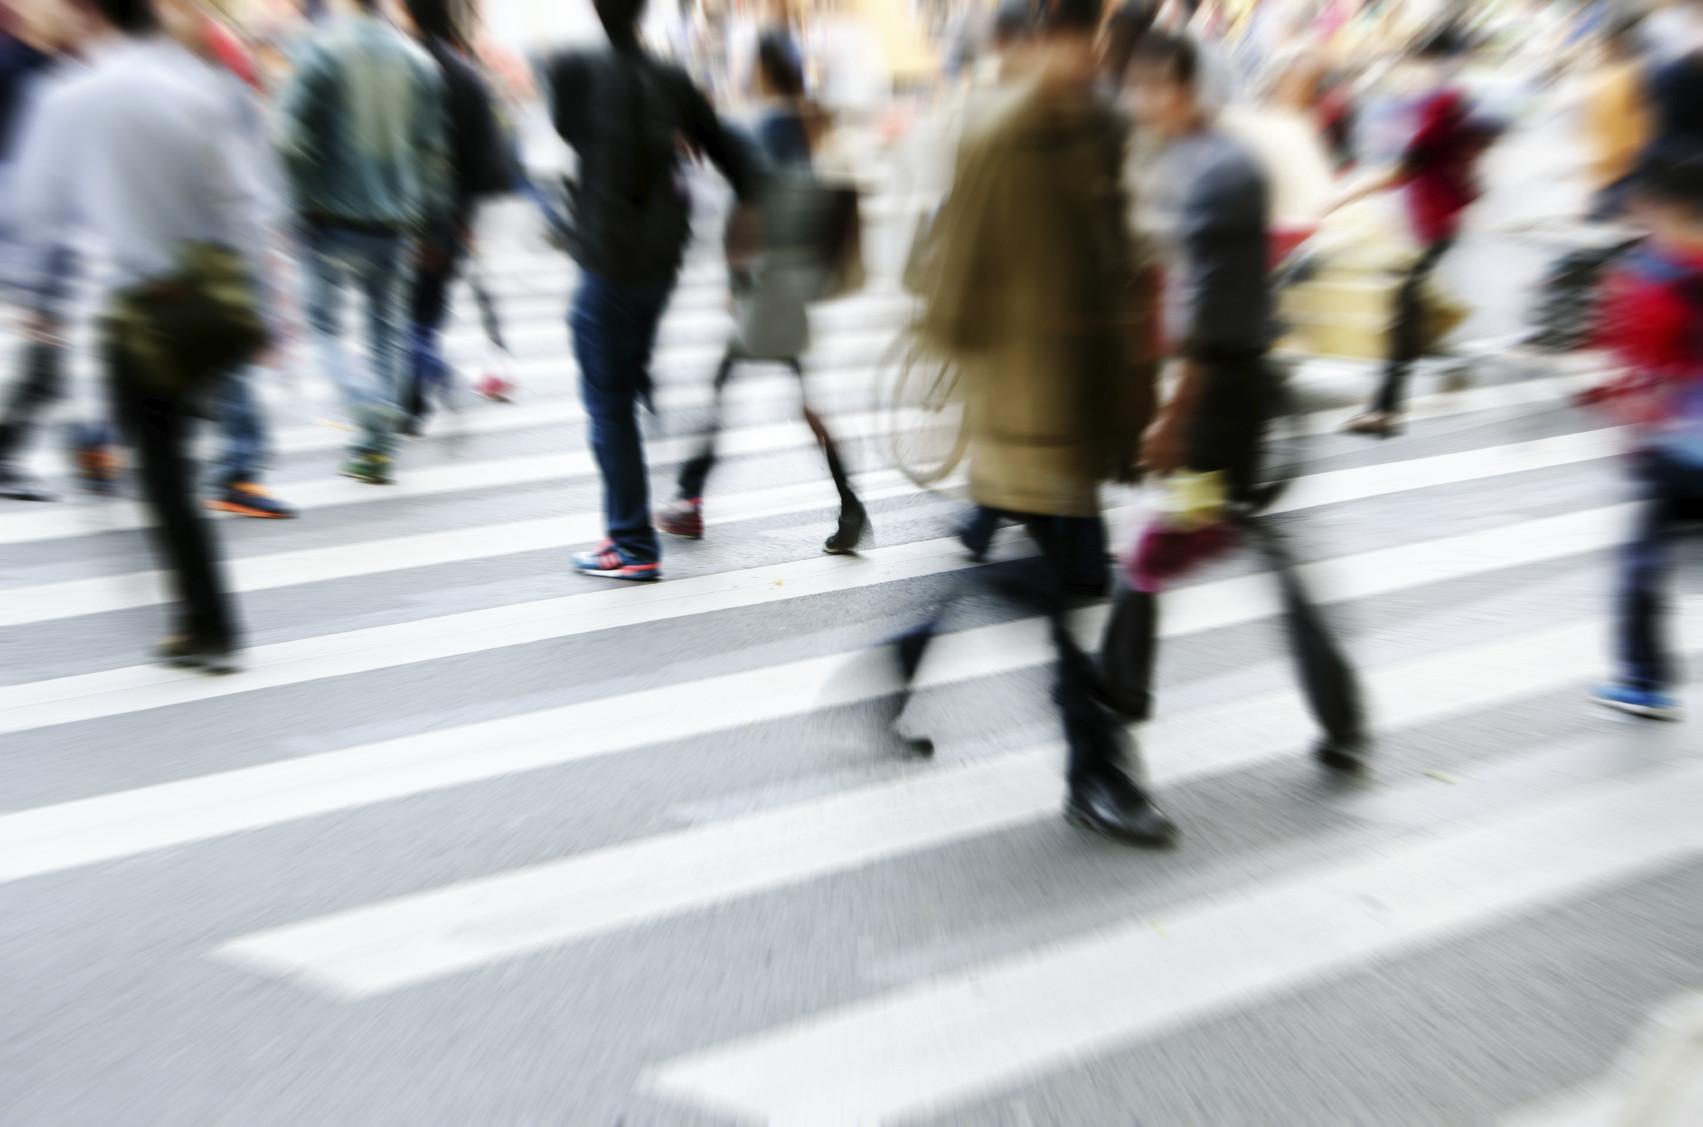 Francia instala cámaras para controlar los STOP y pasos de peatones, ¿disminuirán las infracciones?